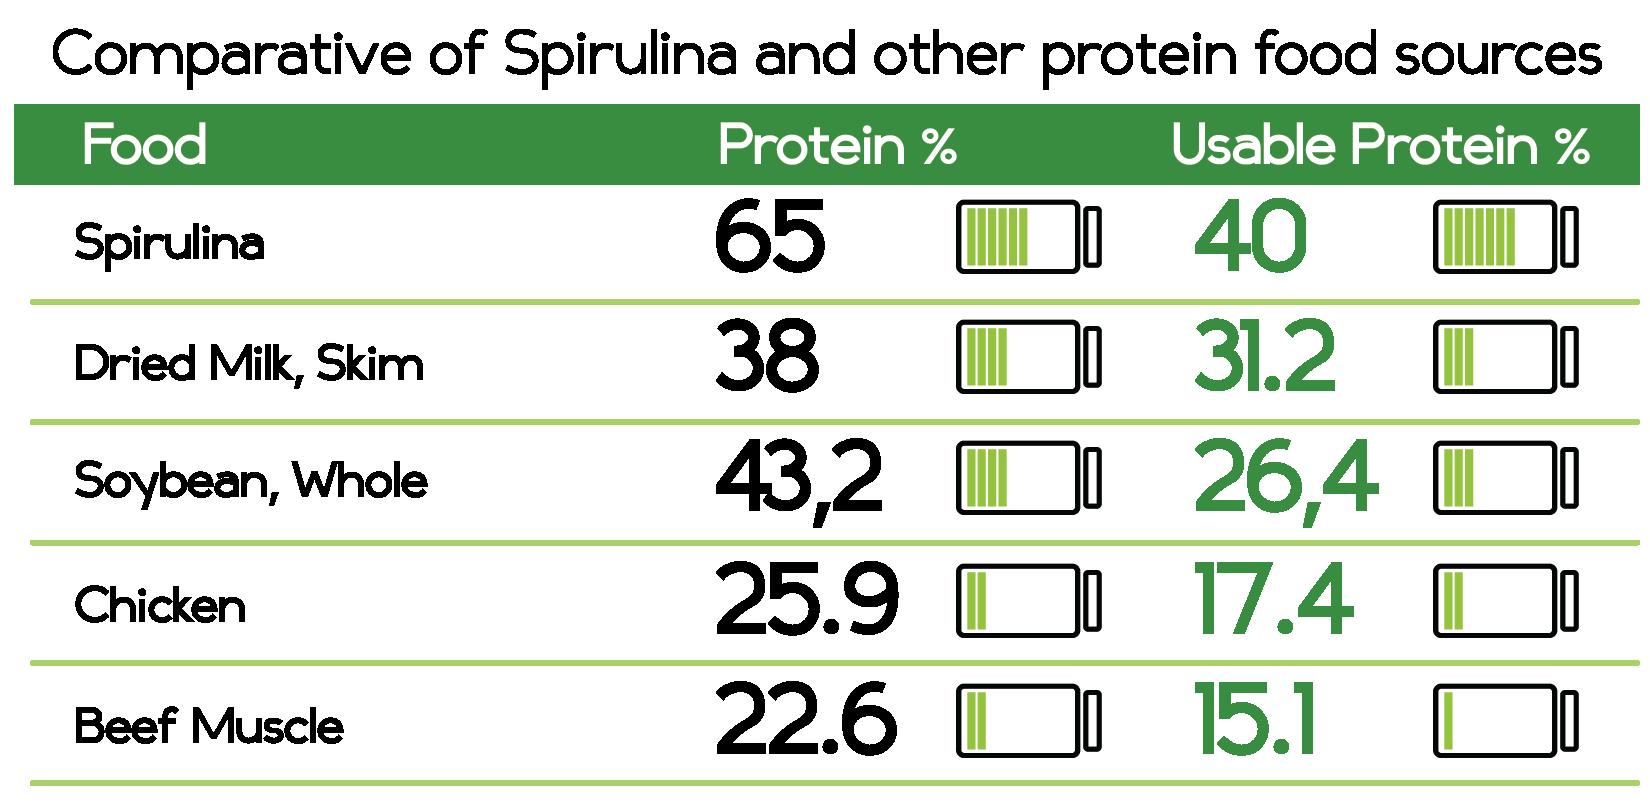 table on Spirulina protein